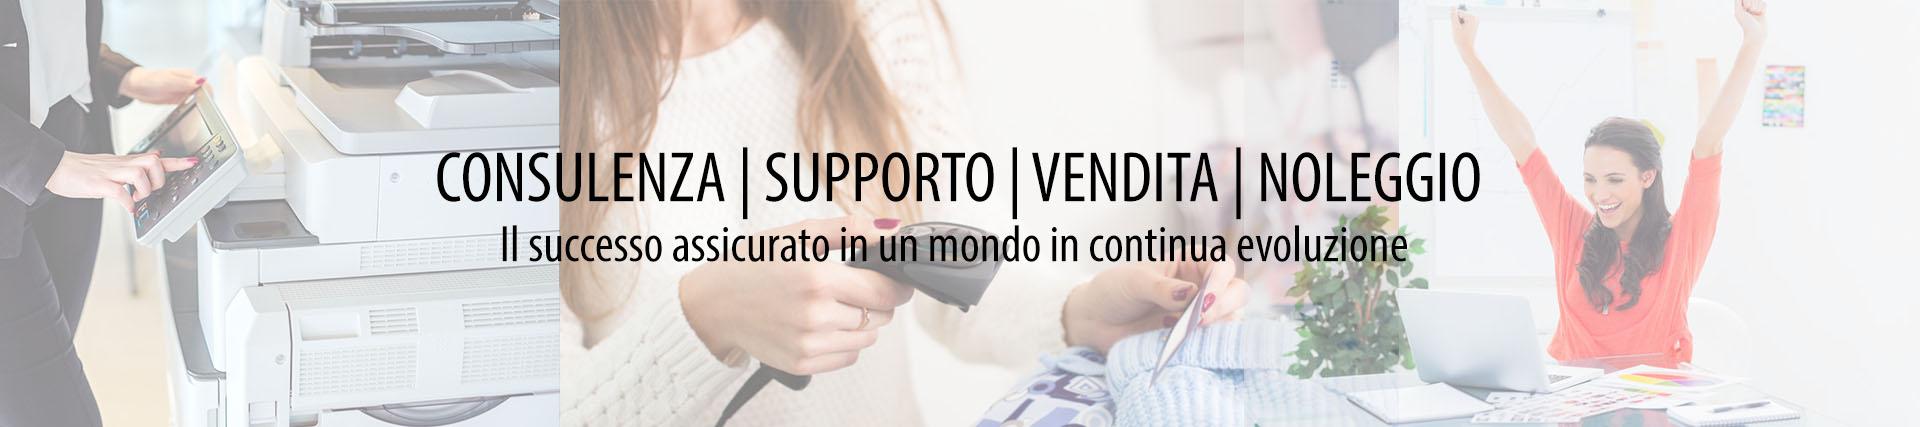 Slide-Supporto-Aziende2